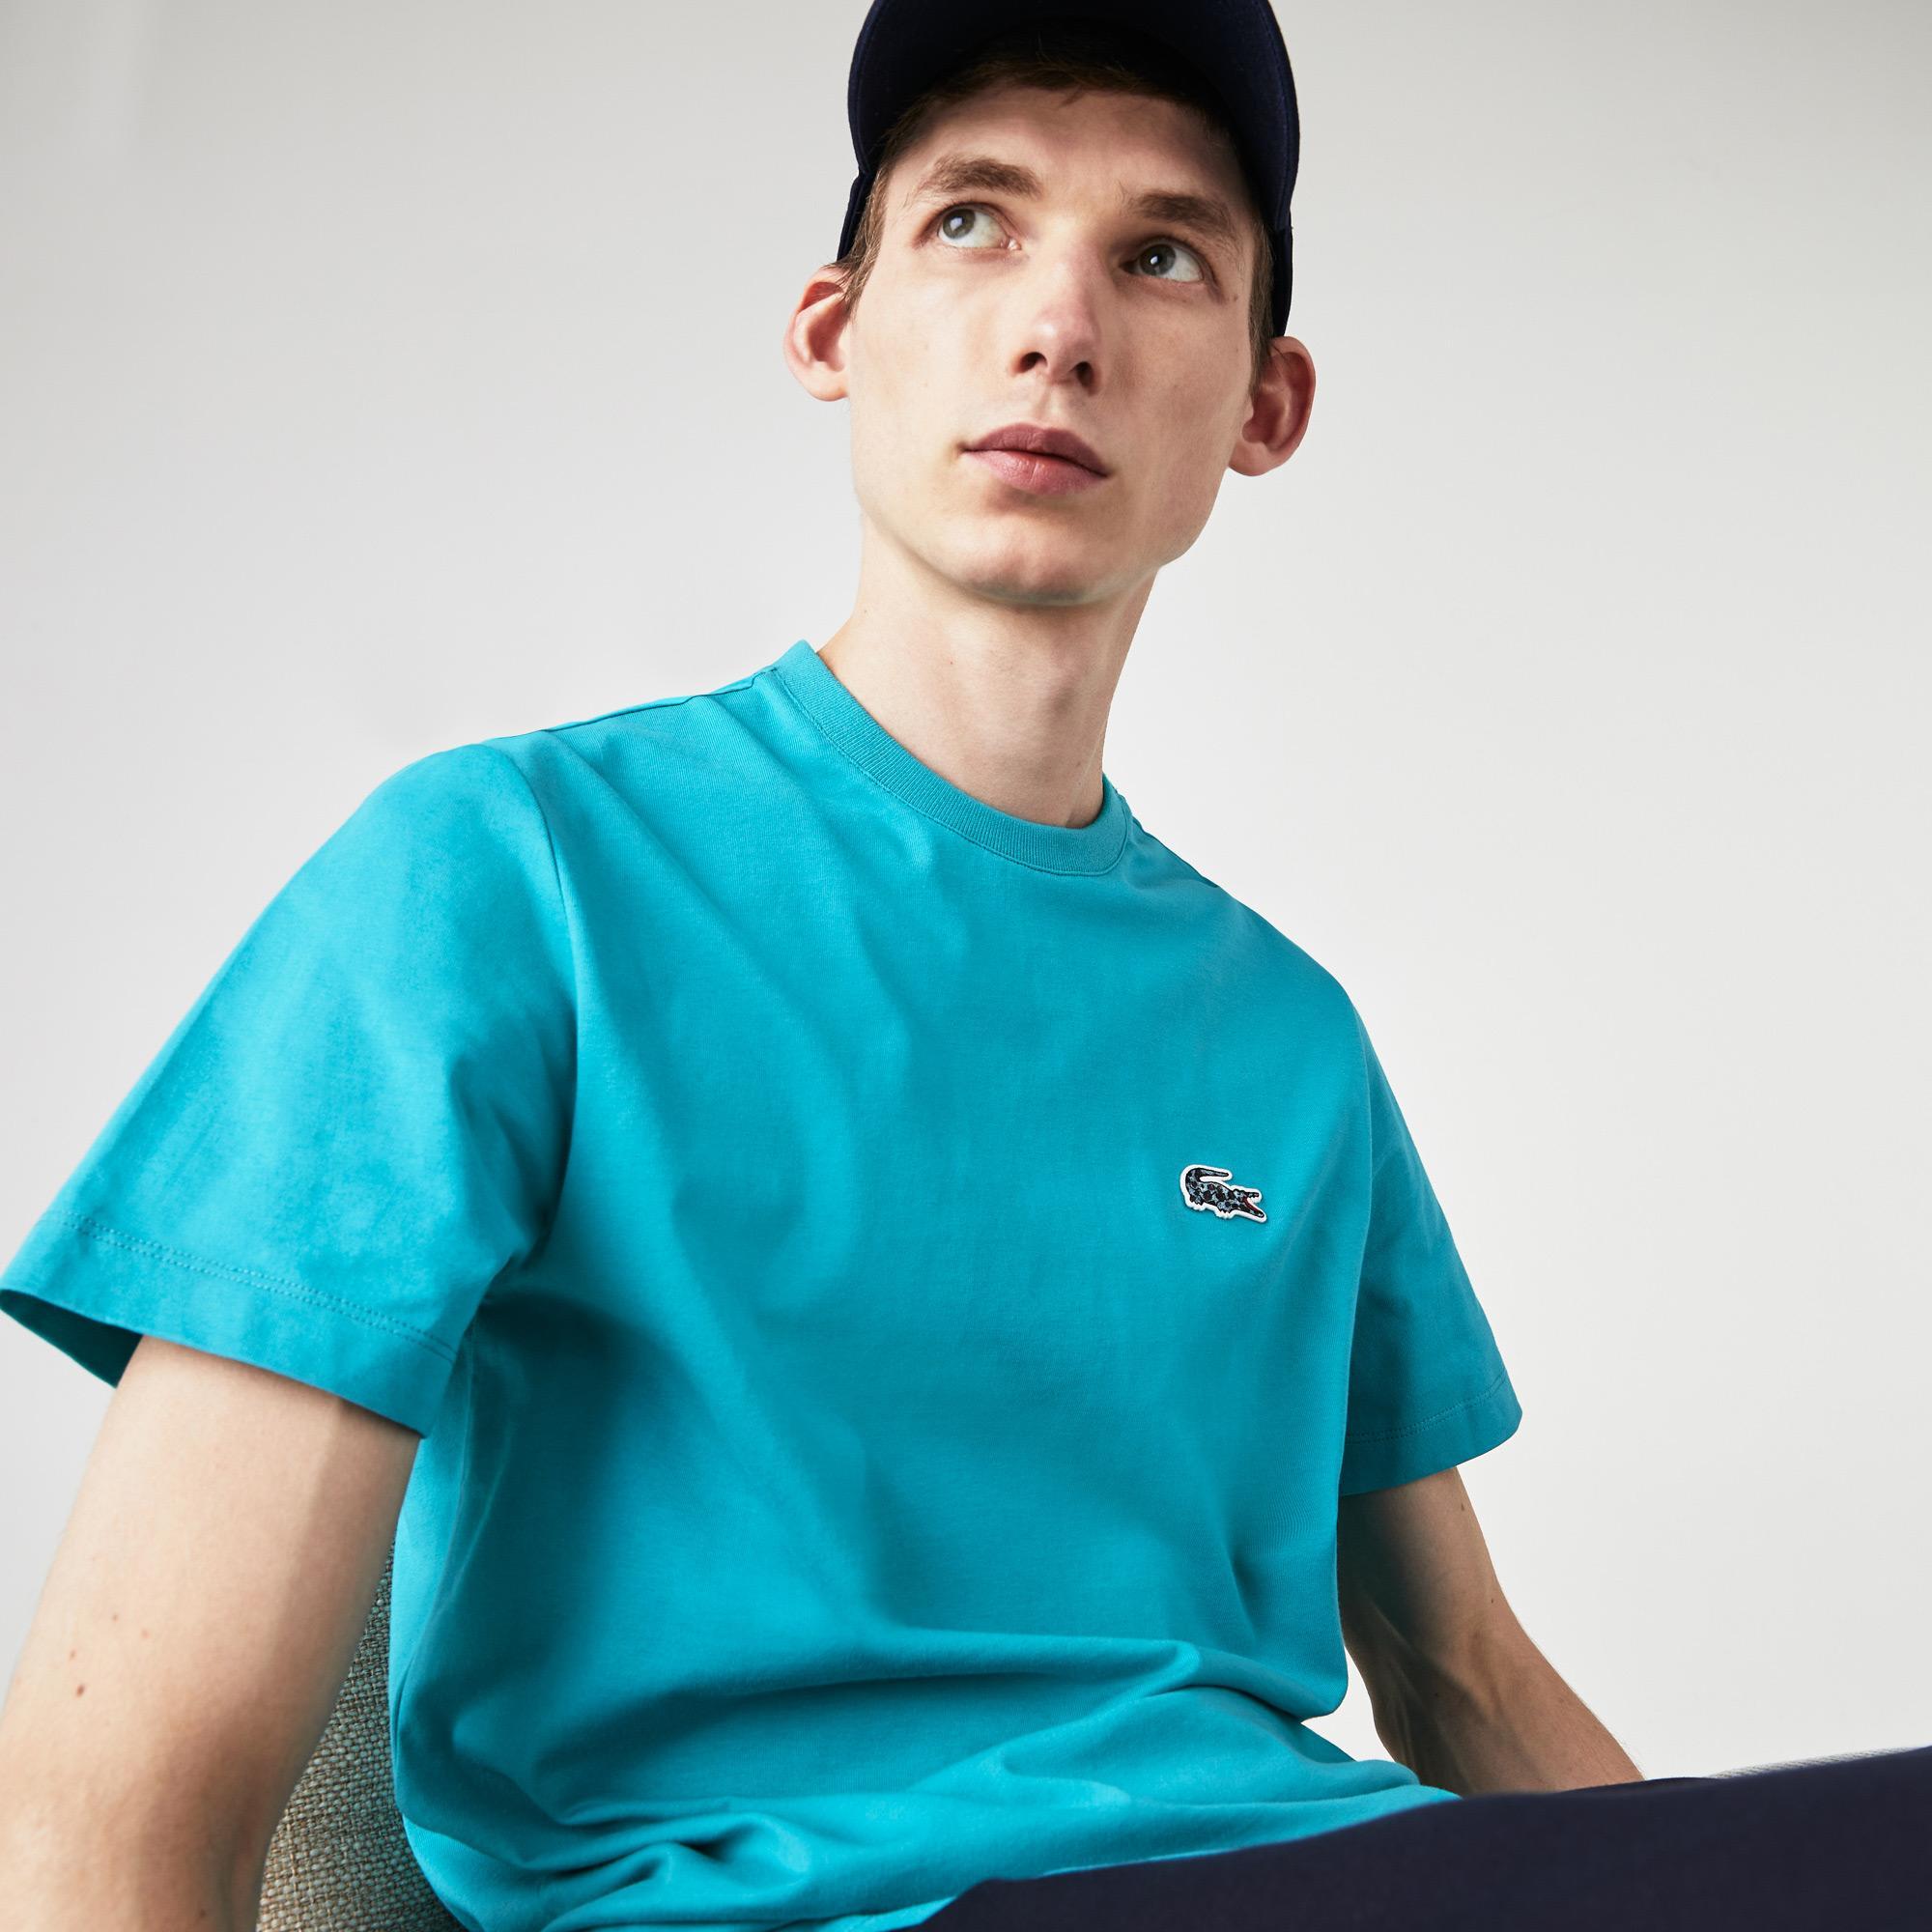 Lacoste x National Geographic Erkek Bisiklet Yaka Kısa Kollu Regular Fit Mavi T-Shirt